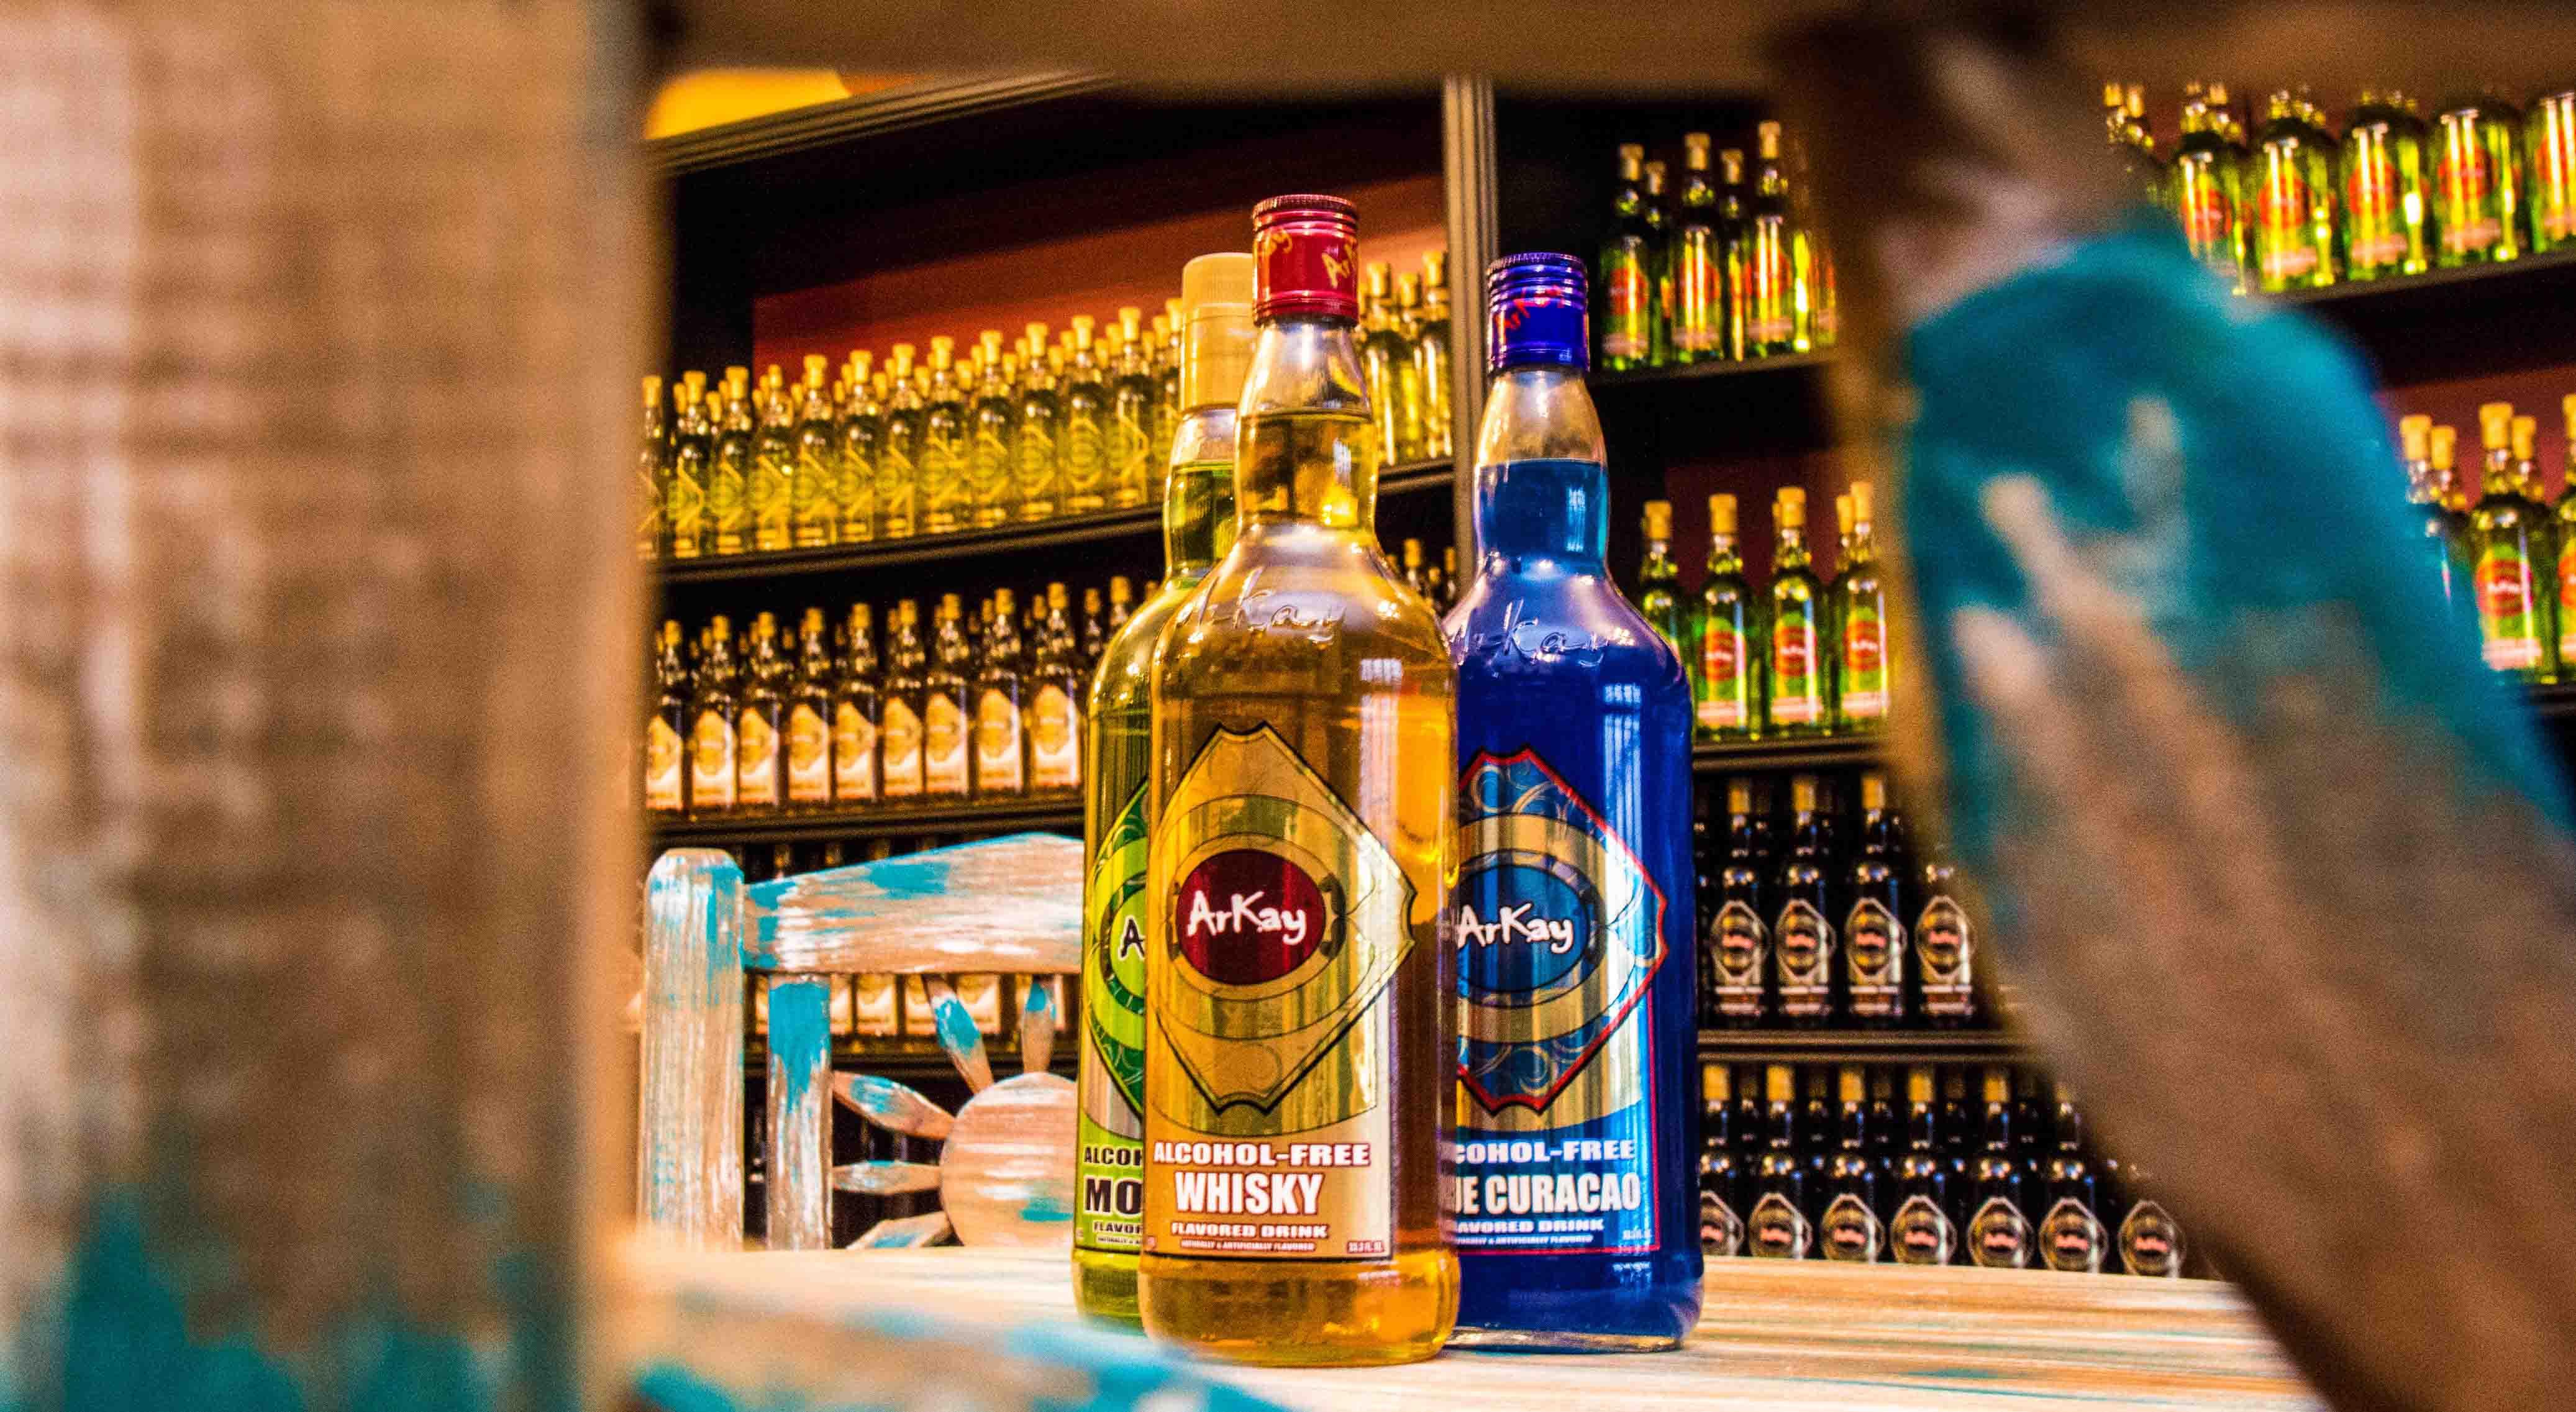 ArKay colección de Licores Sin Alcohol